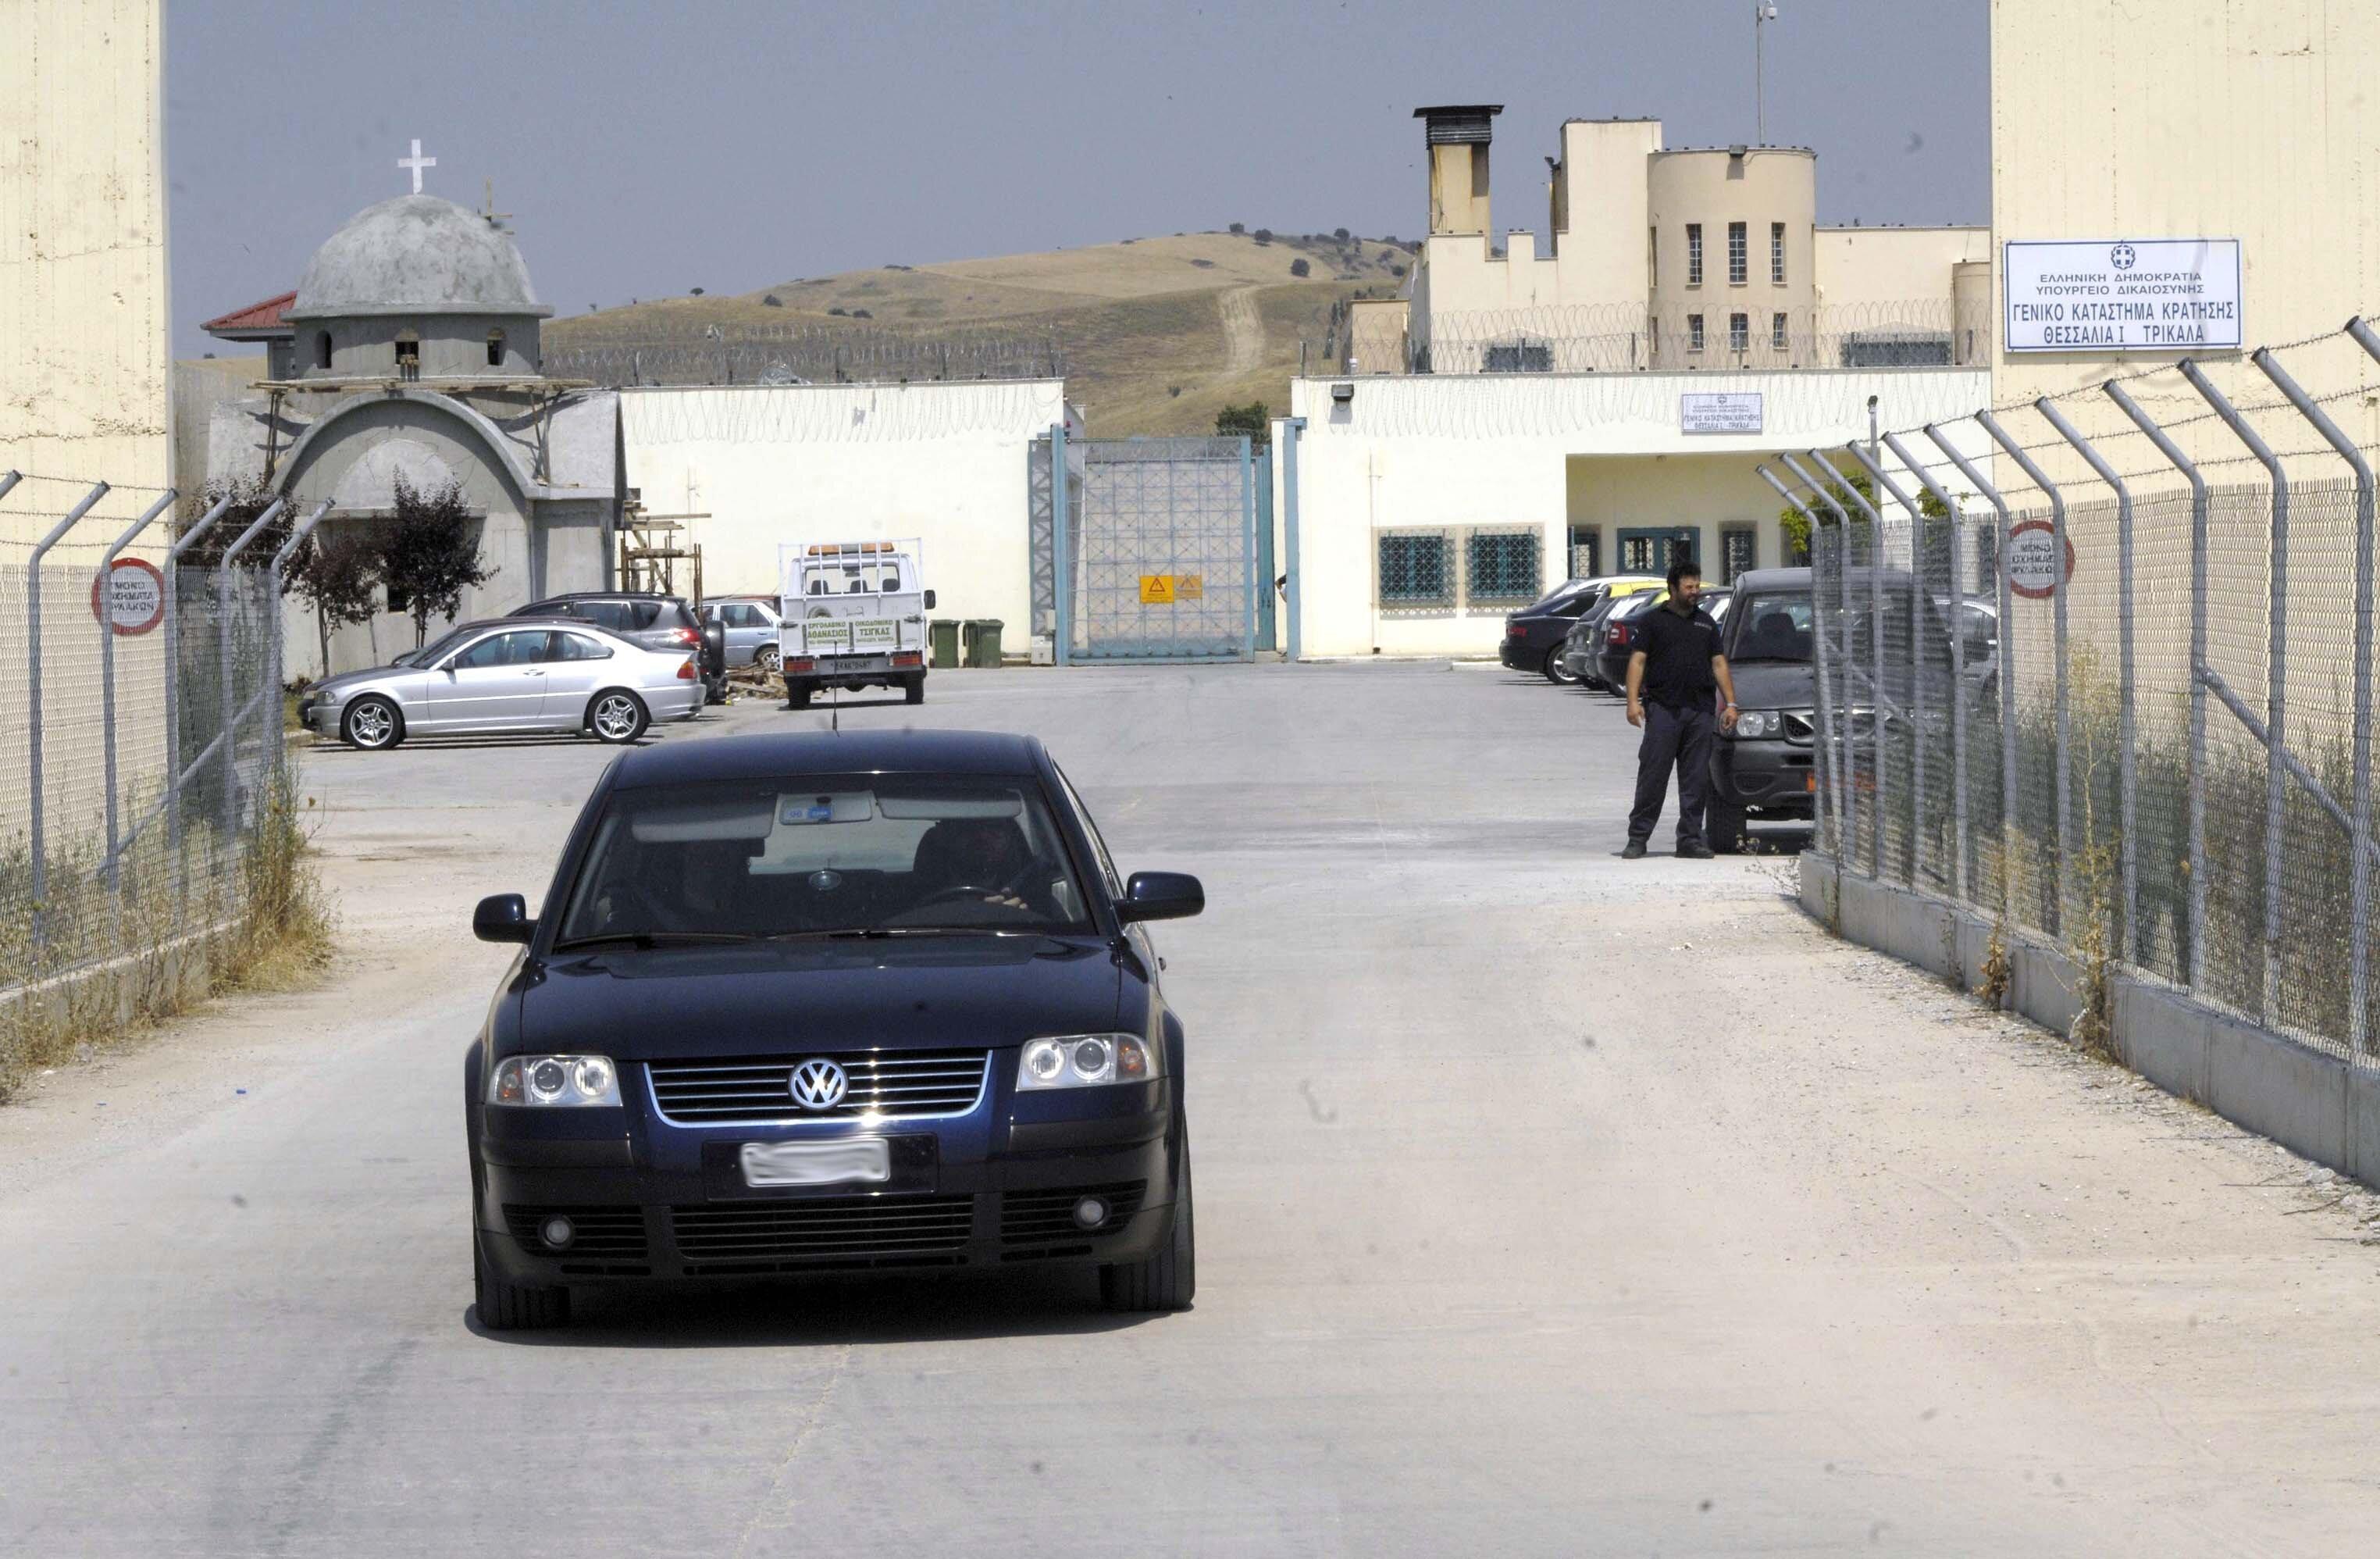 Συμπλοκή στις φυλακές Τρικάλων με έναν νεκρό